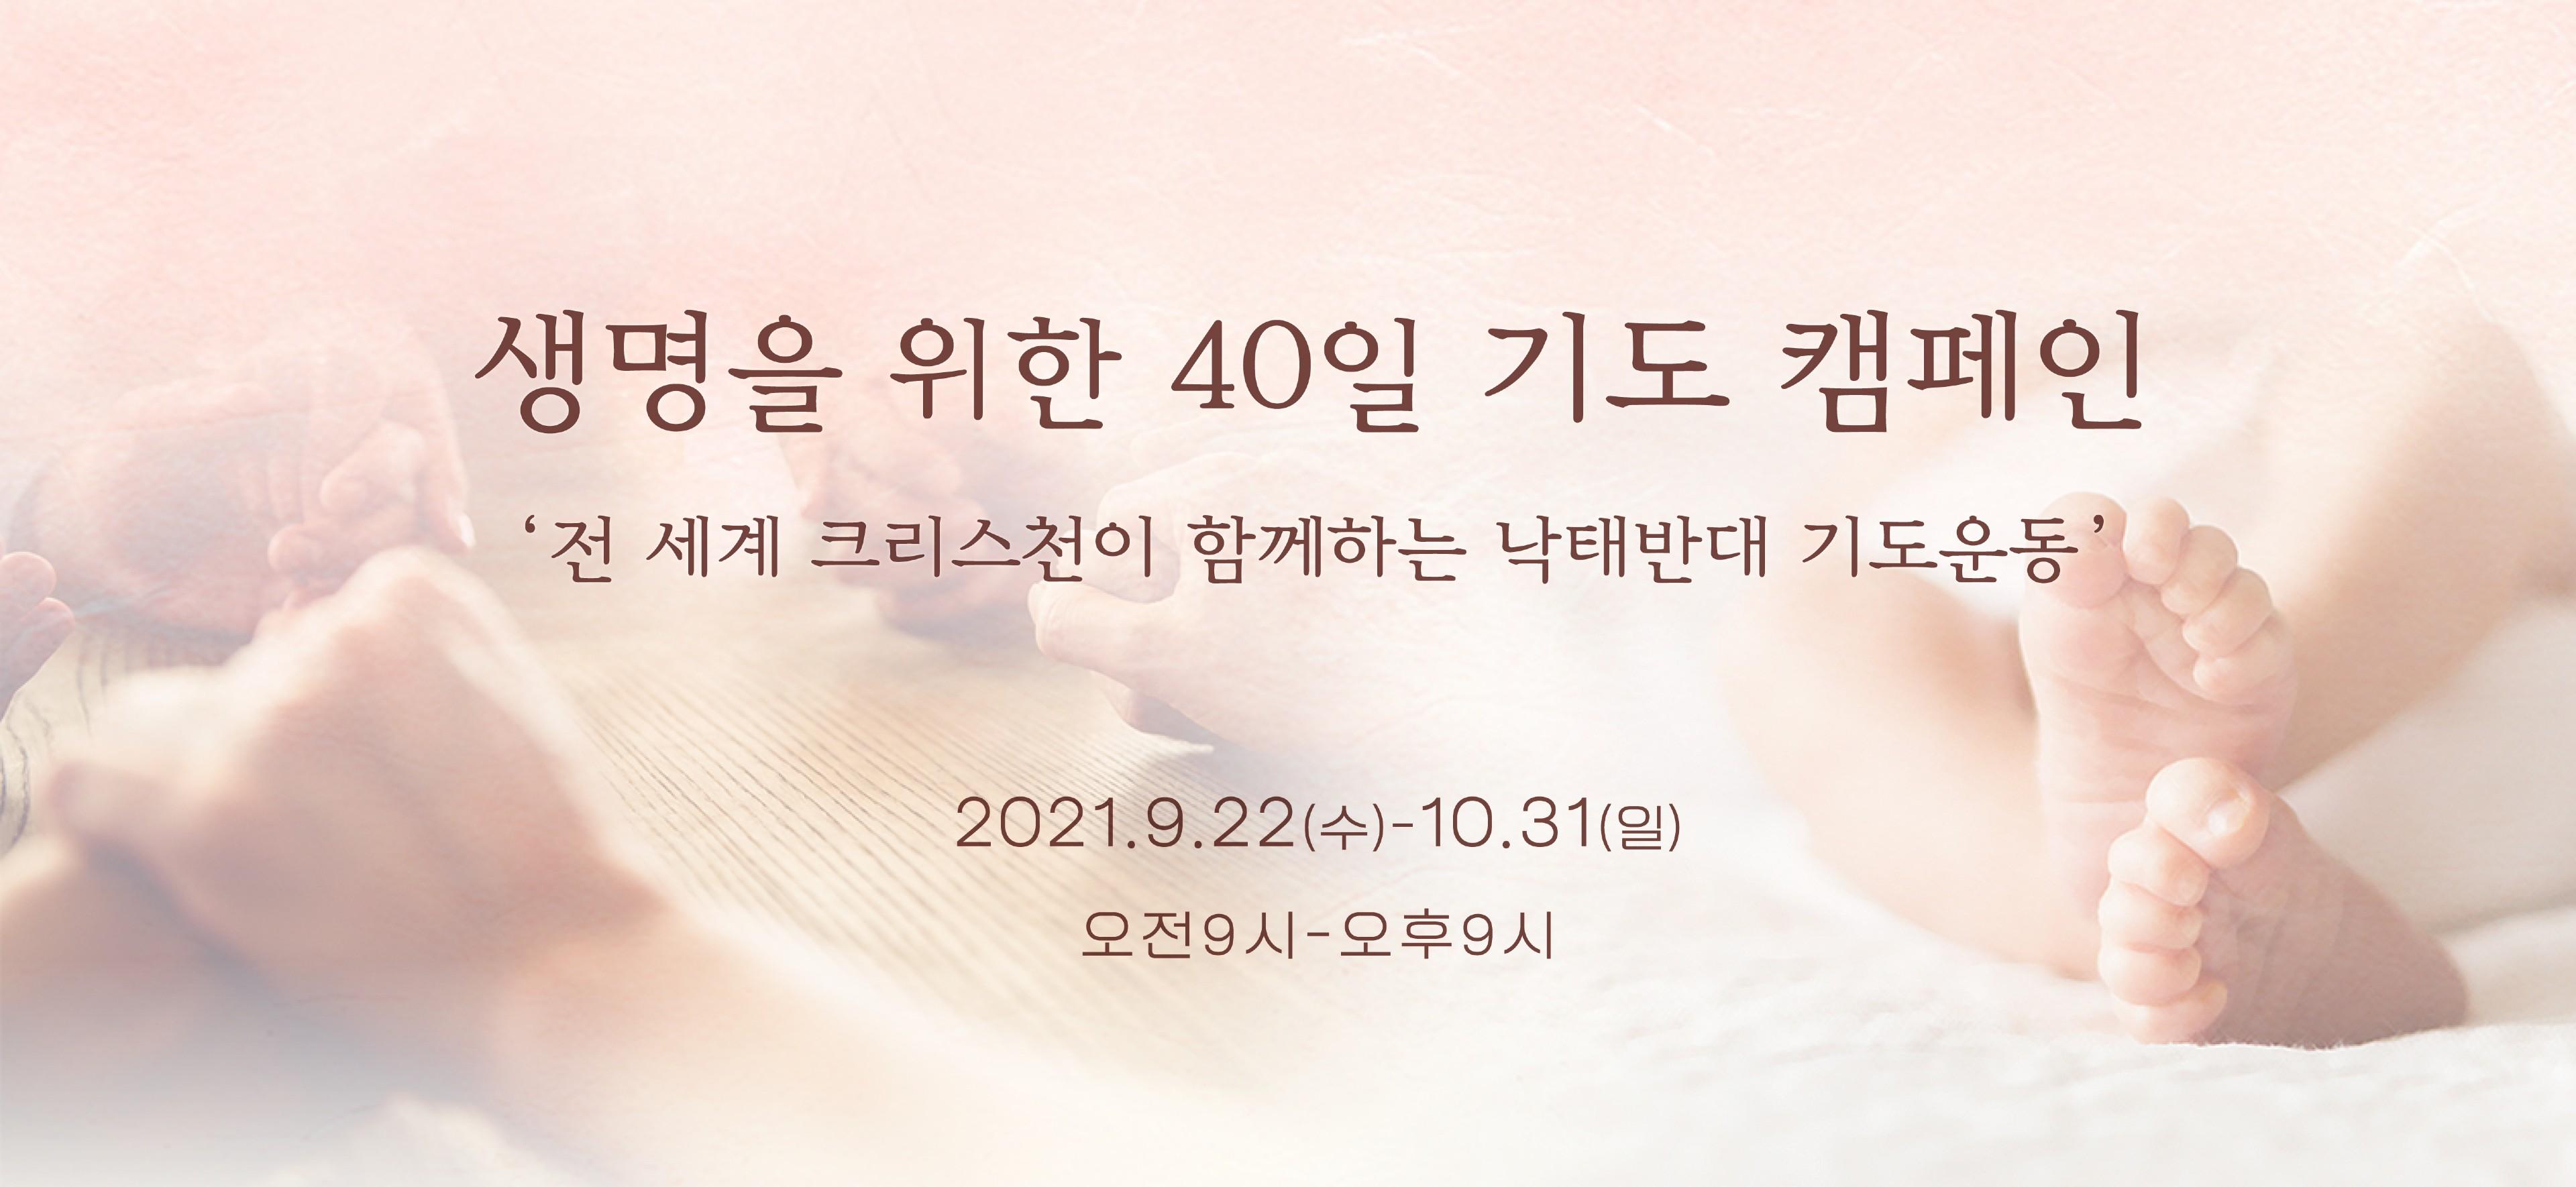 2021 생명을 위한 40일 기도캠페인